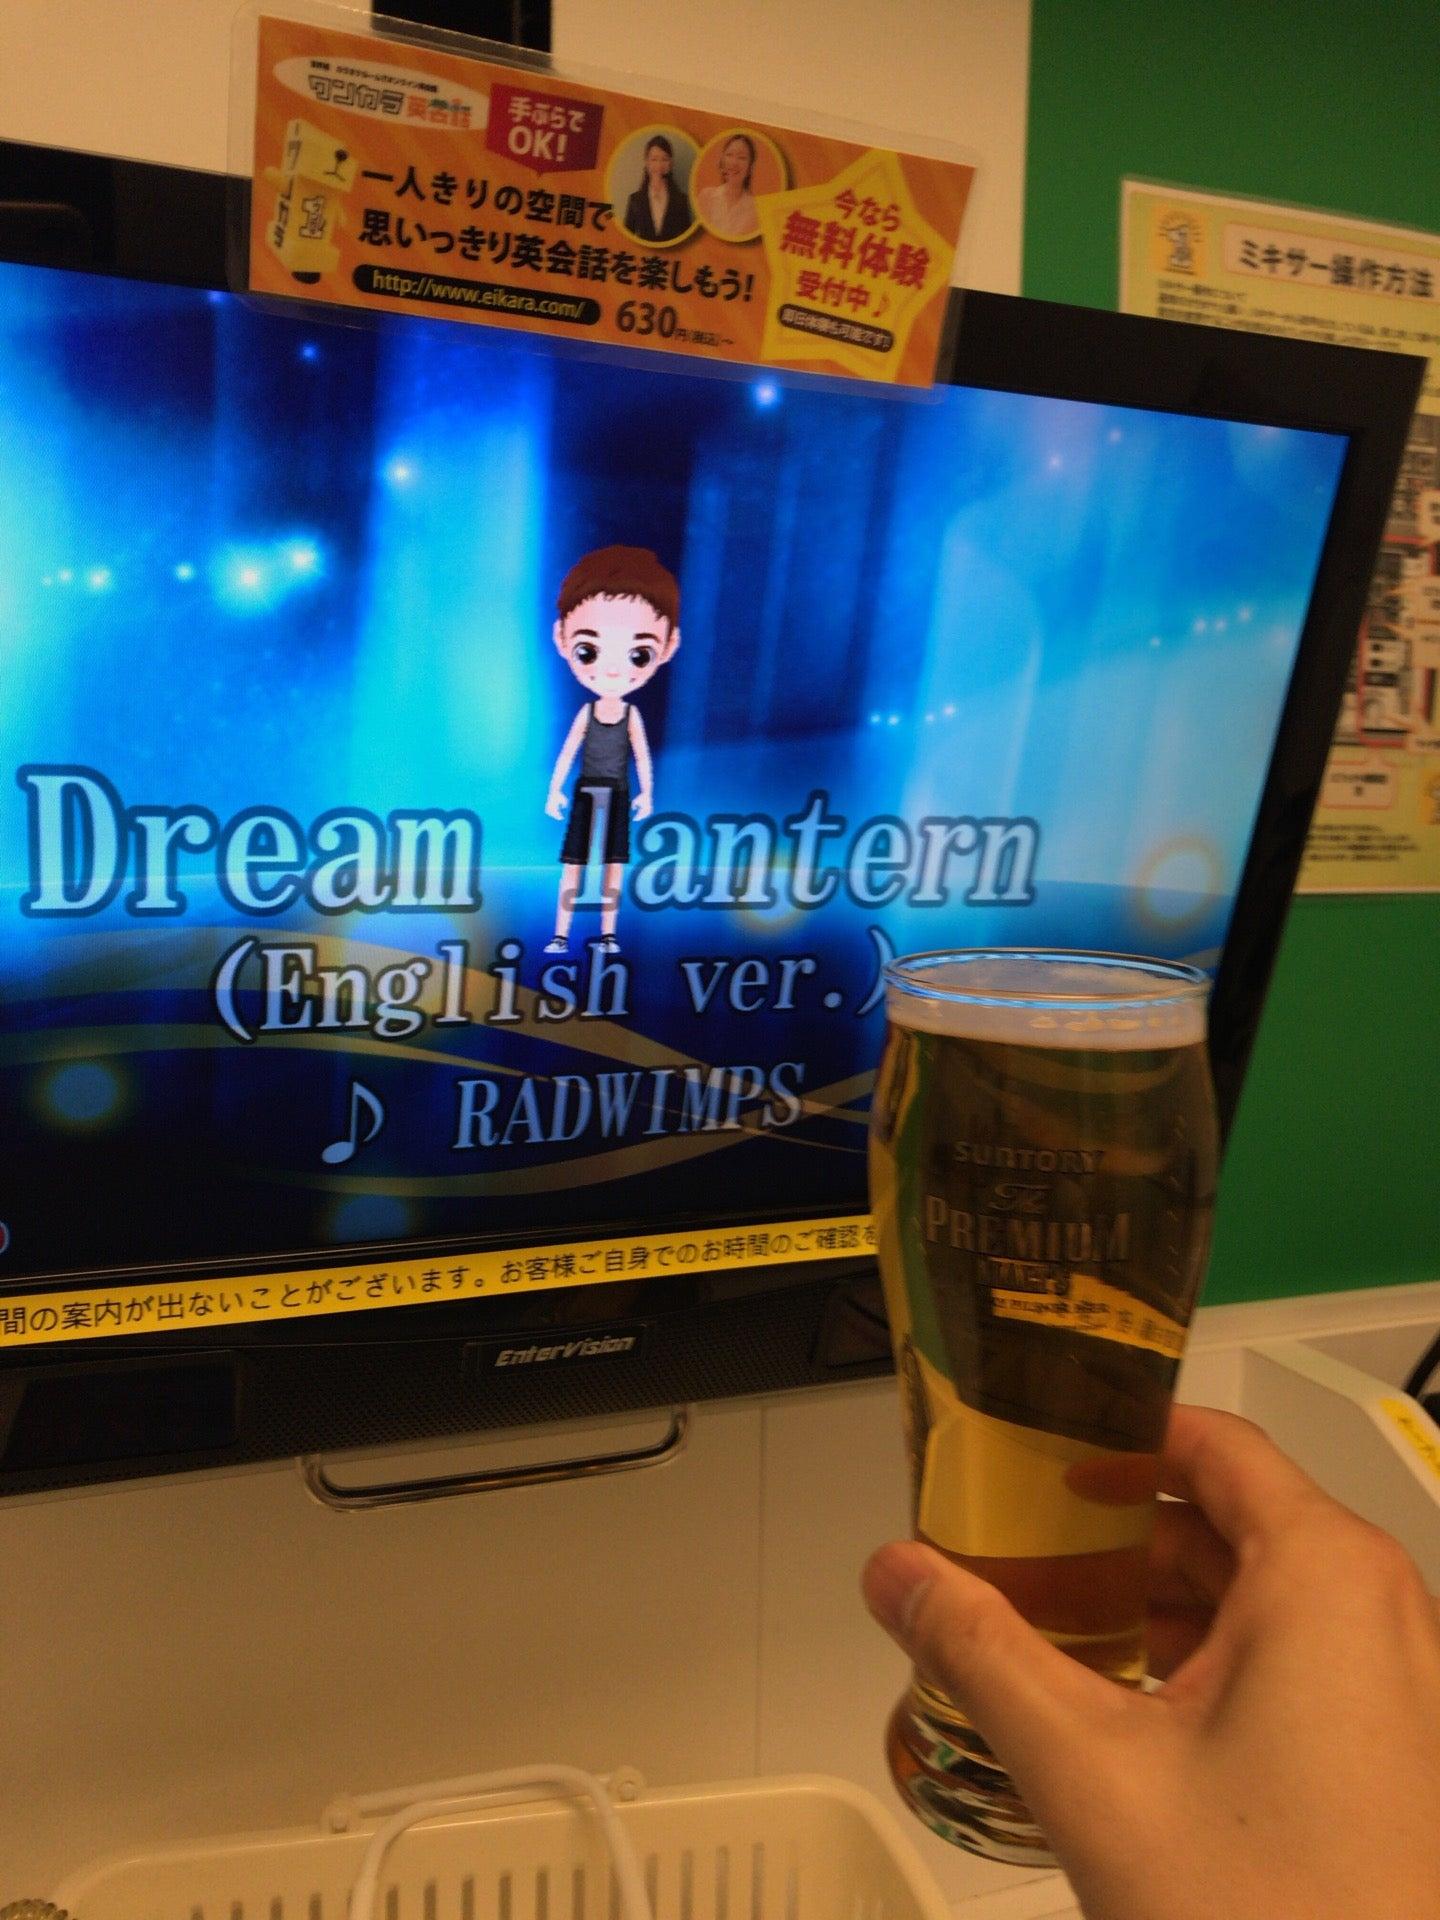 ポイントでプレモルうまー at ワンカラ 仙台東映プラザ店